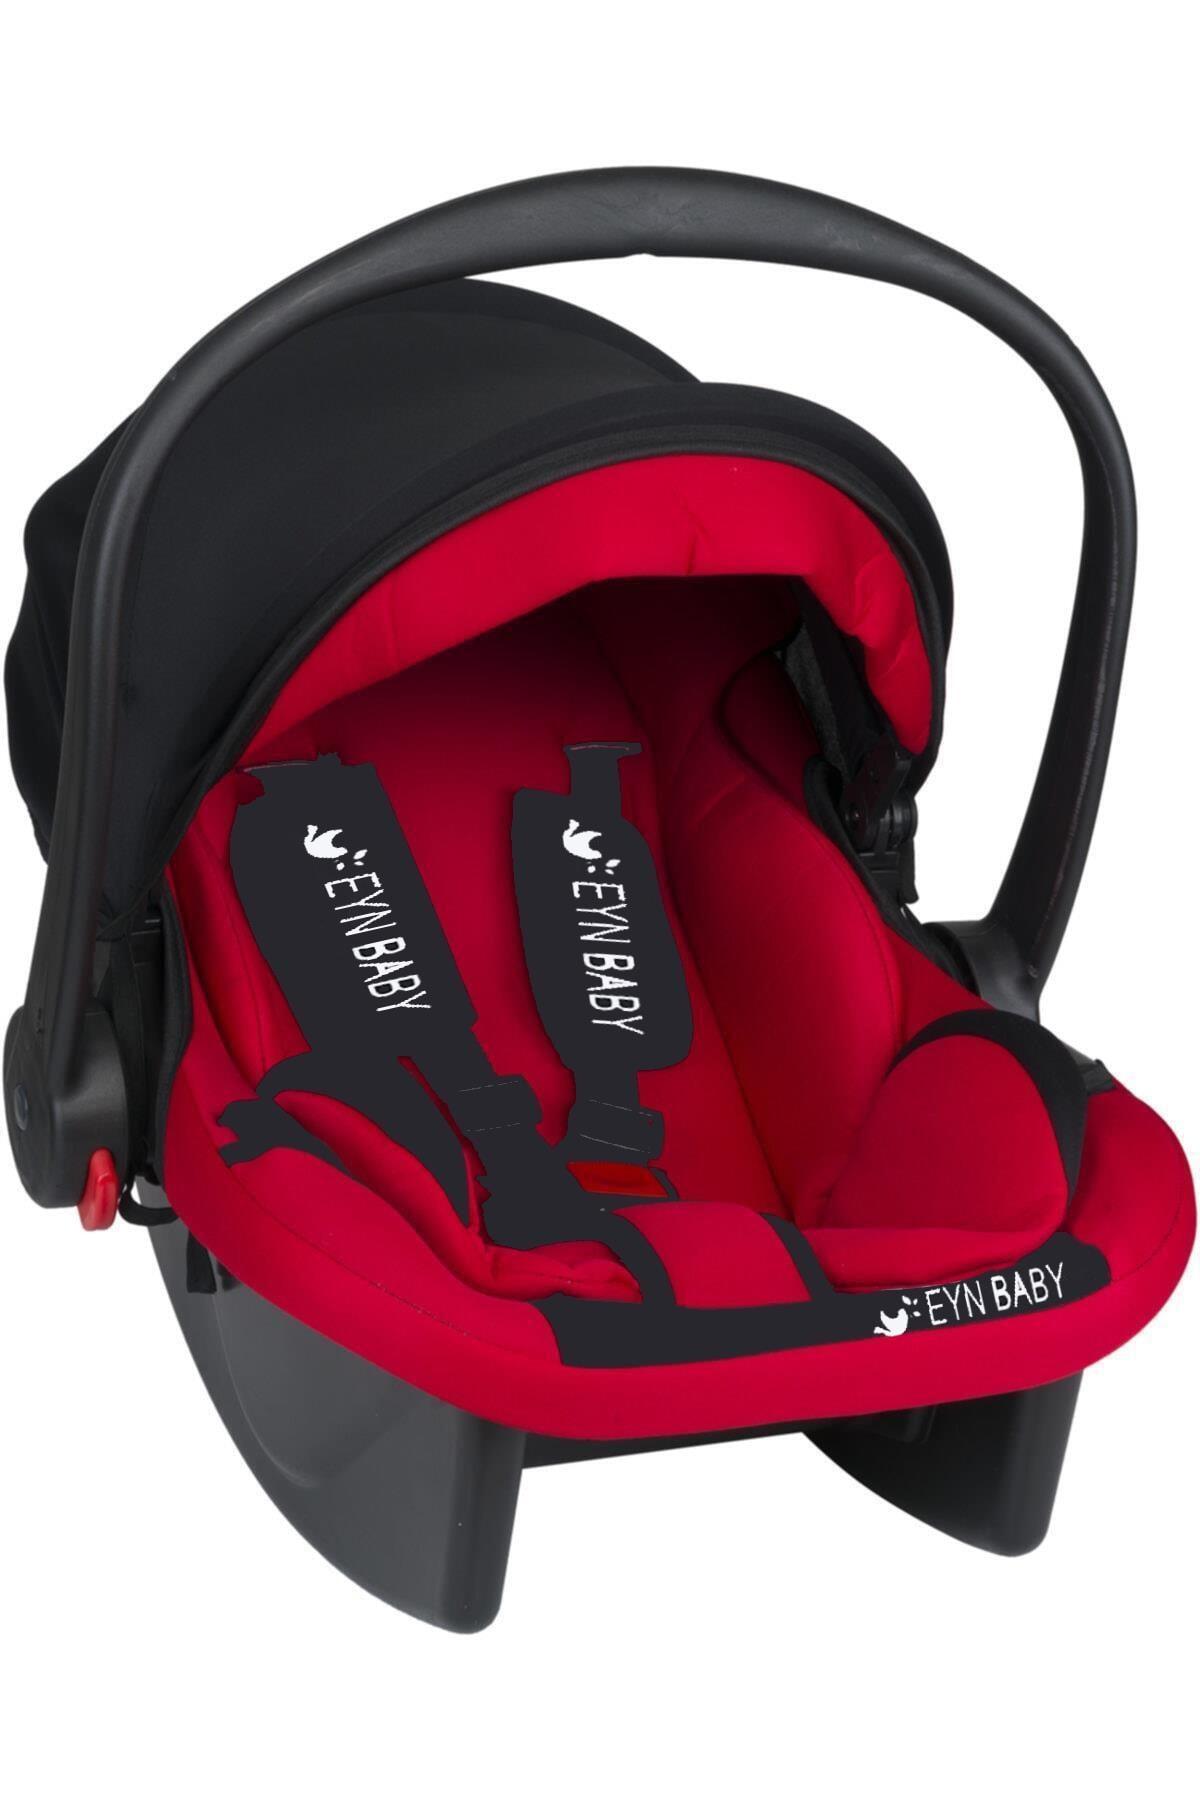 Lüx Pedli Bebek Puset Taşıma Bebek Oto Koltuğu Puset, Ana Kucağı Kırmızı